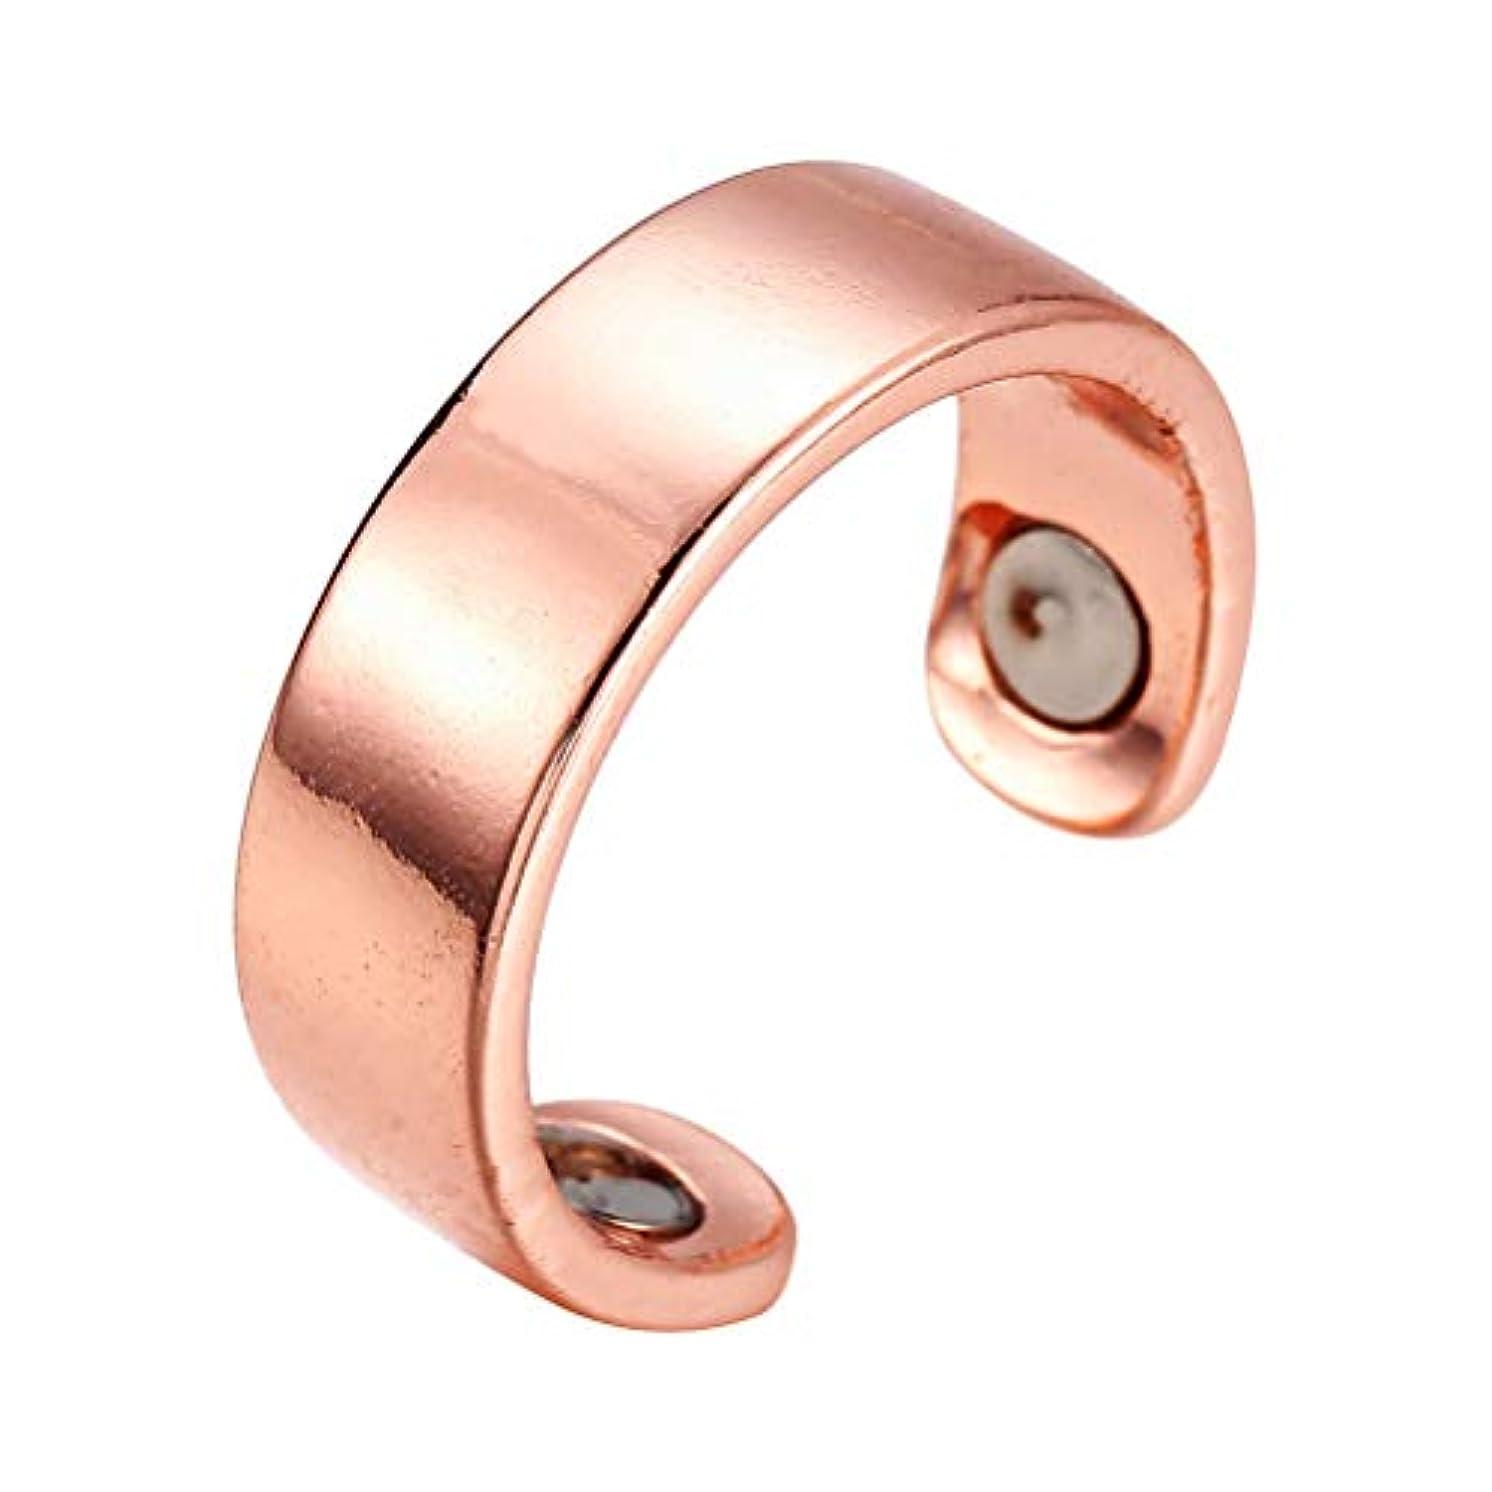 分布九月着飾るSUPVOX 磁気リング療法指圧抗いびきリング息切れ治療指圧治療ヘルスケア関節炎